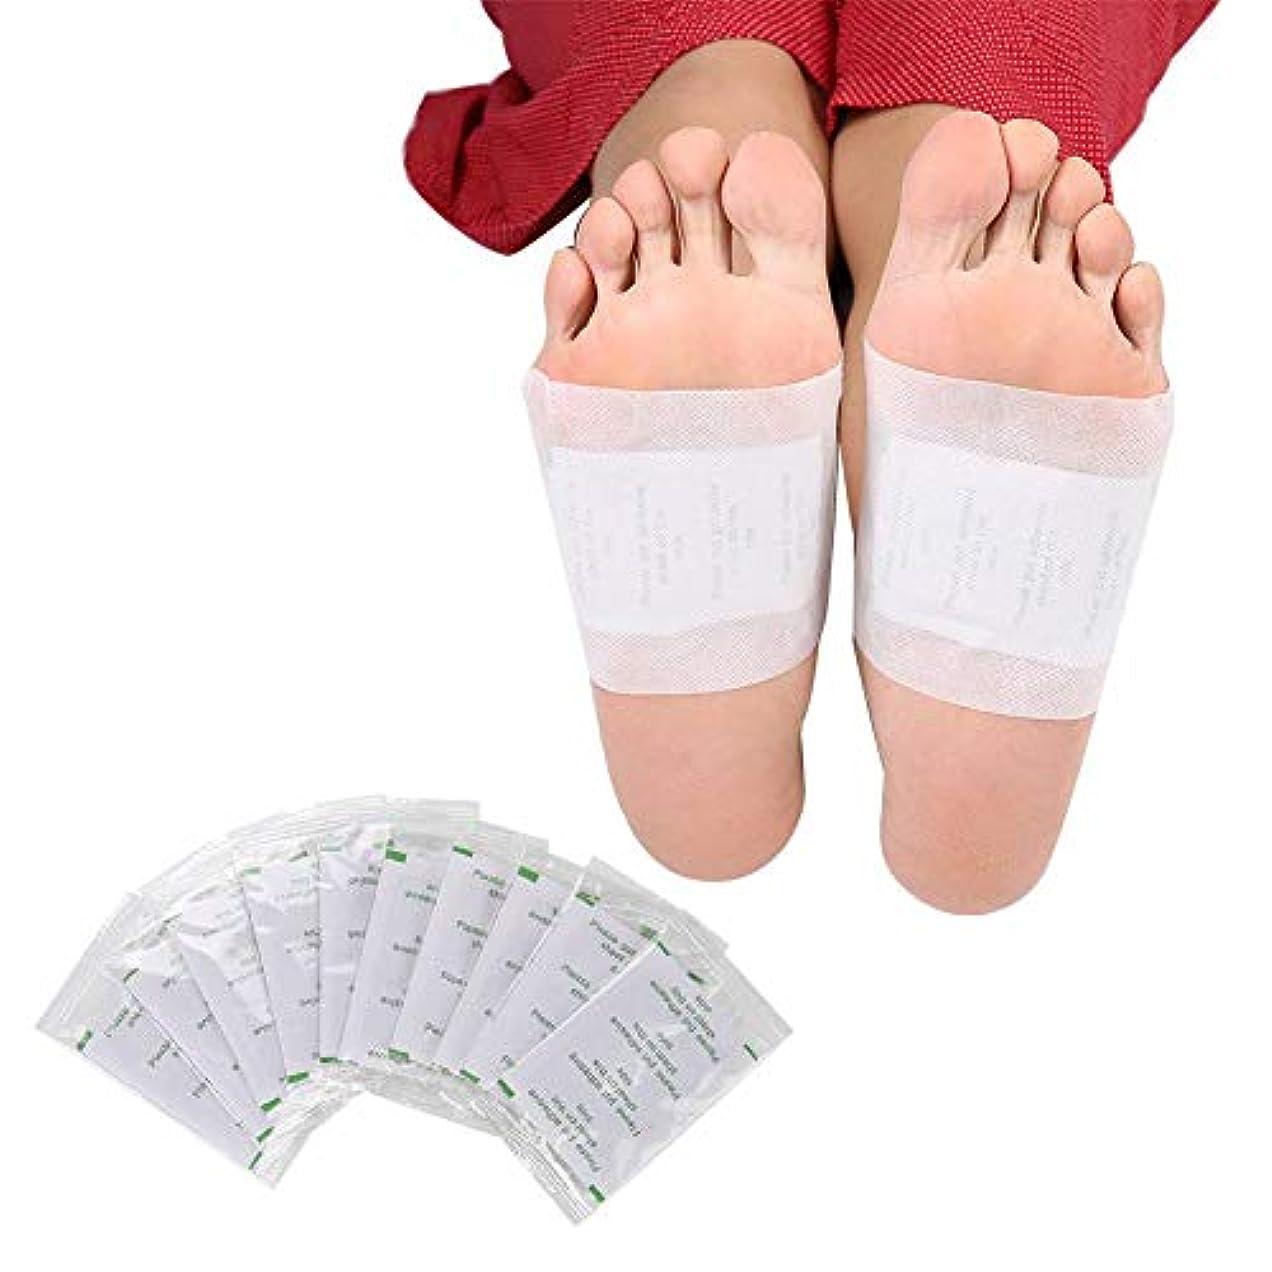 アシスト海洋殉教者ボディデトックスフットパッチ、女性と男性の看護の足に最適なヘルスケアフット接着パッド除去毒素ストレス回復